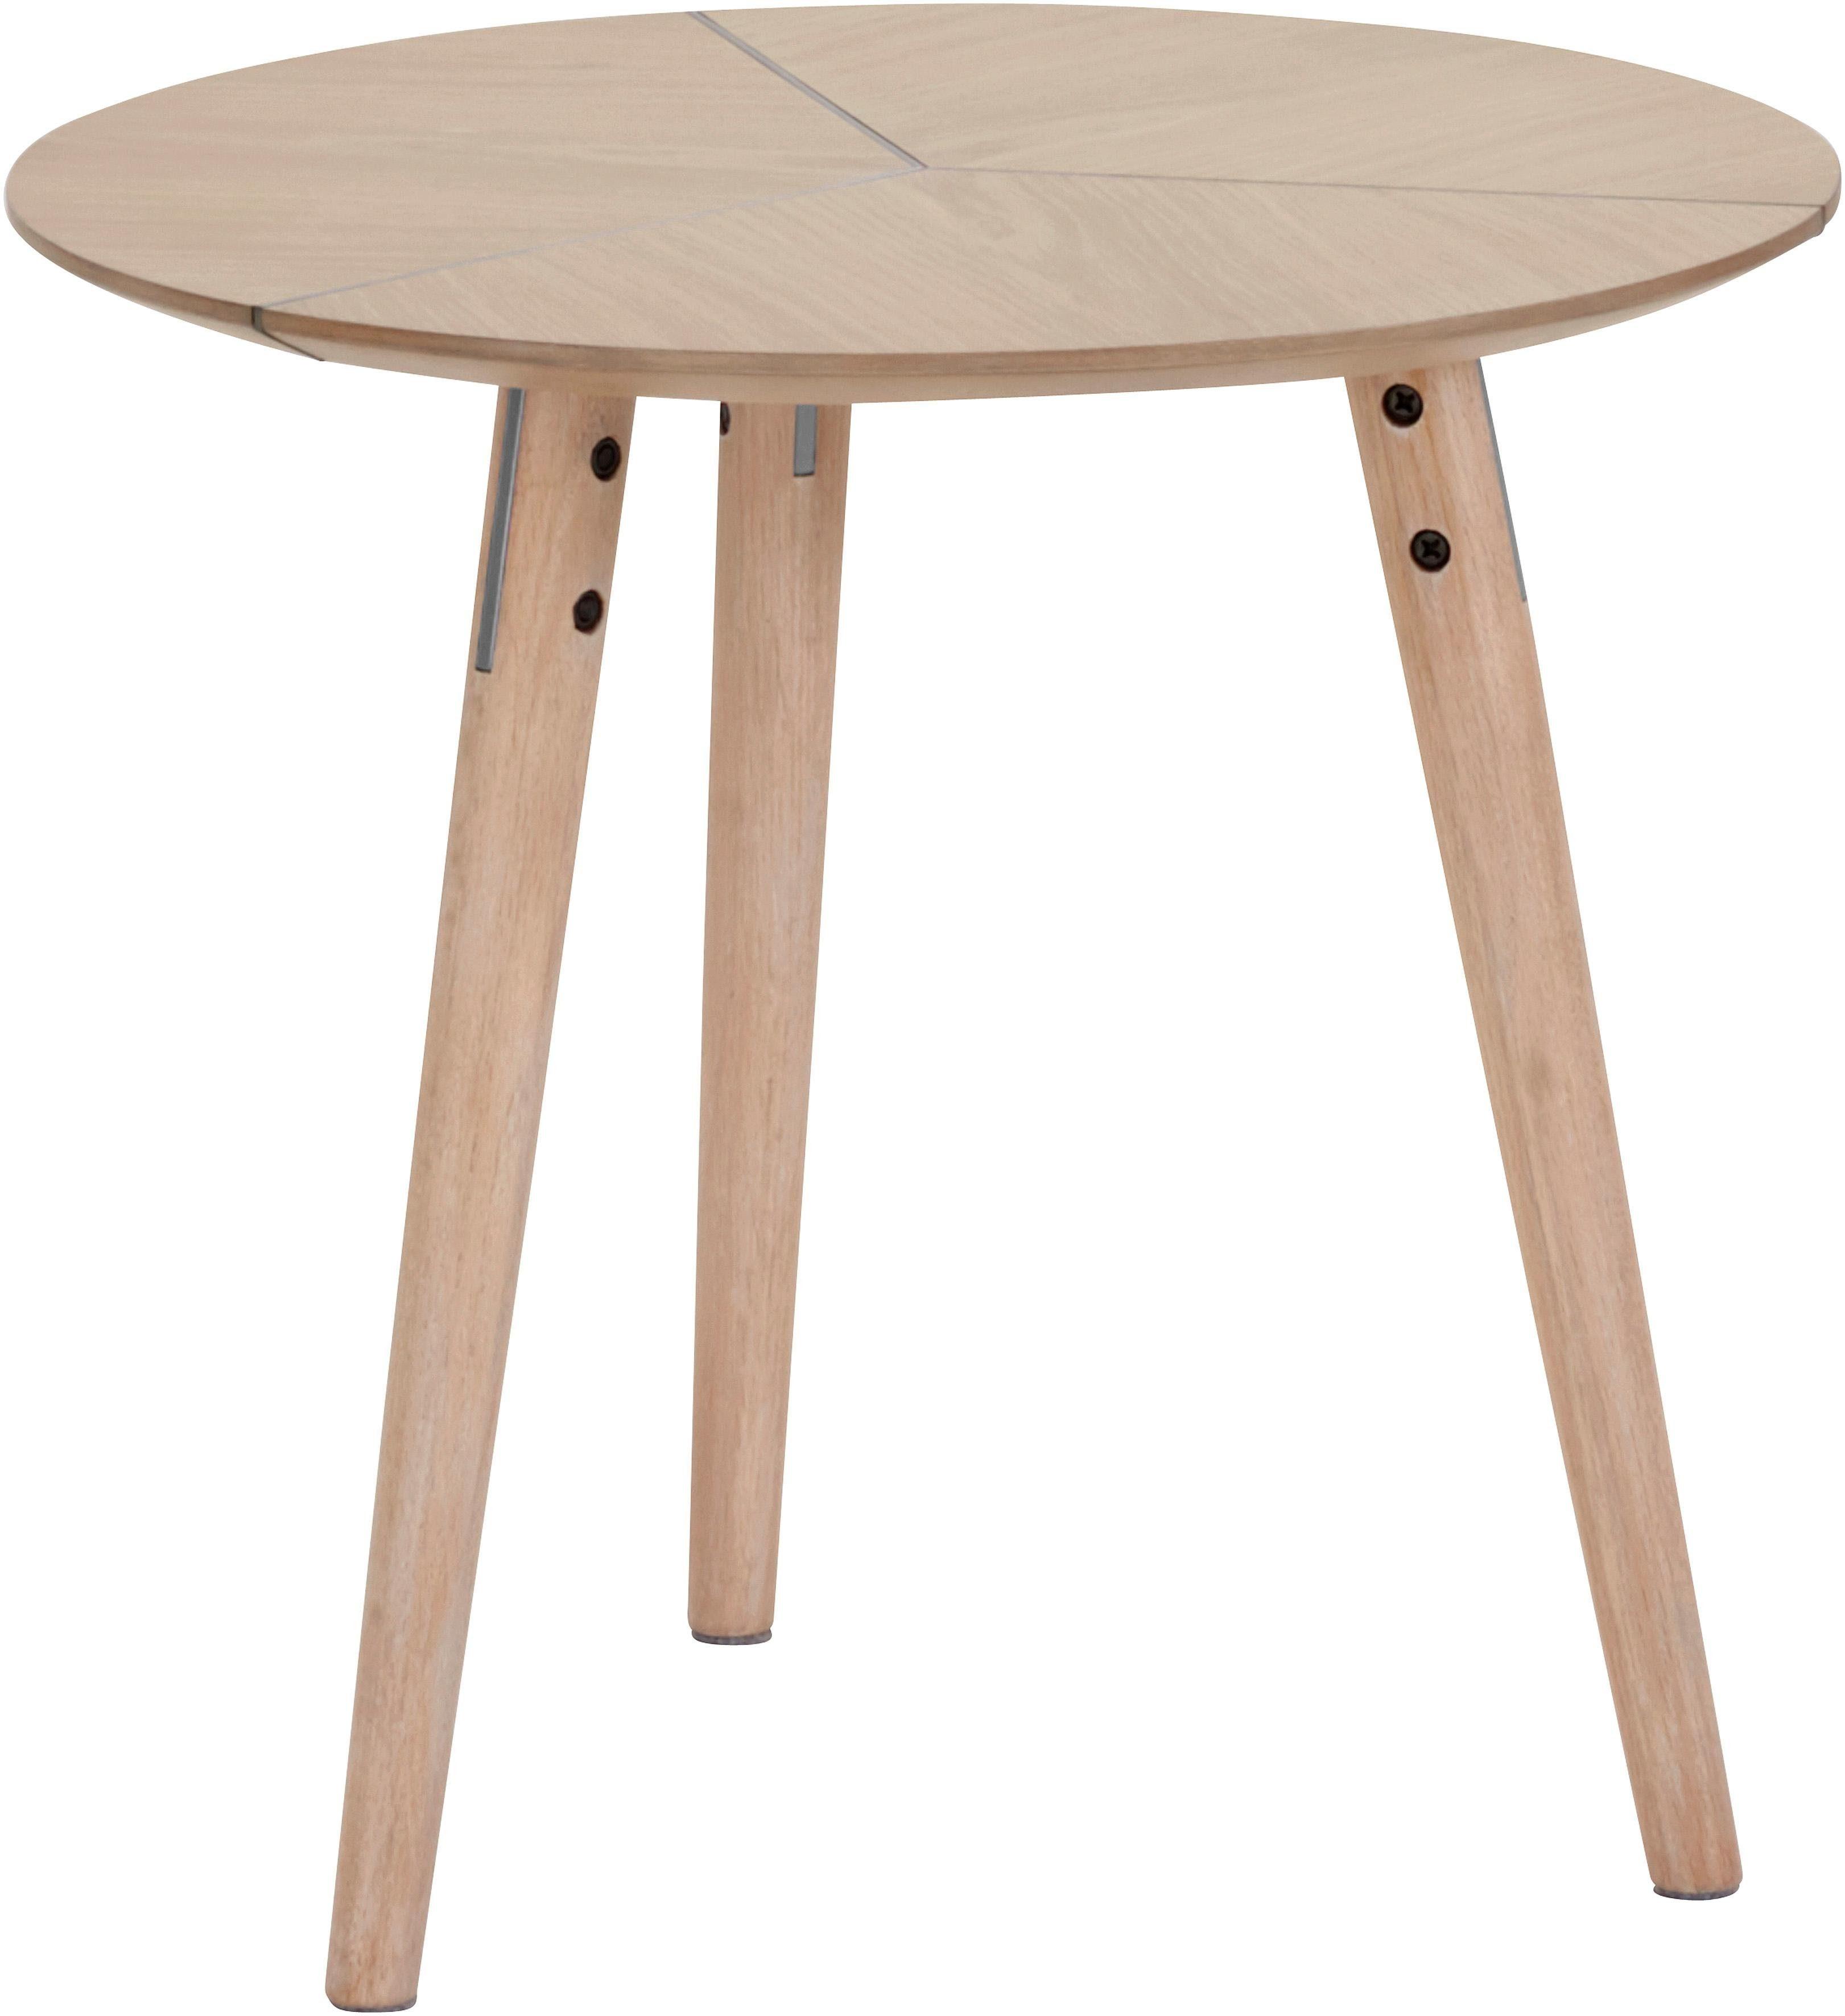 andas Couchtisch »Dohm« aus massivem Eschenholz mit einer modernen Fräsung auf der Tischplatte, Design by Morten Georgsen